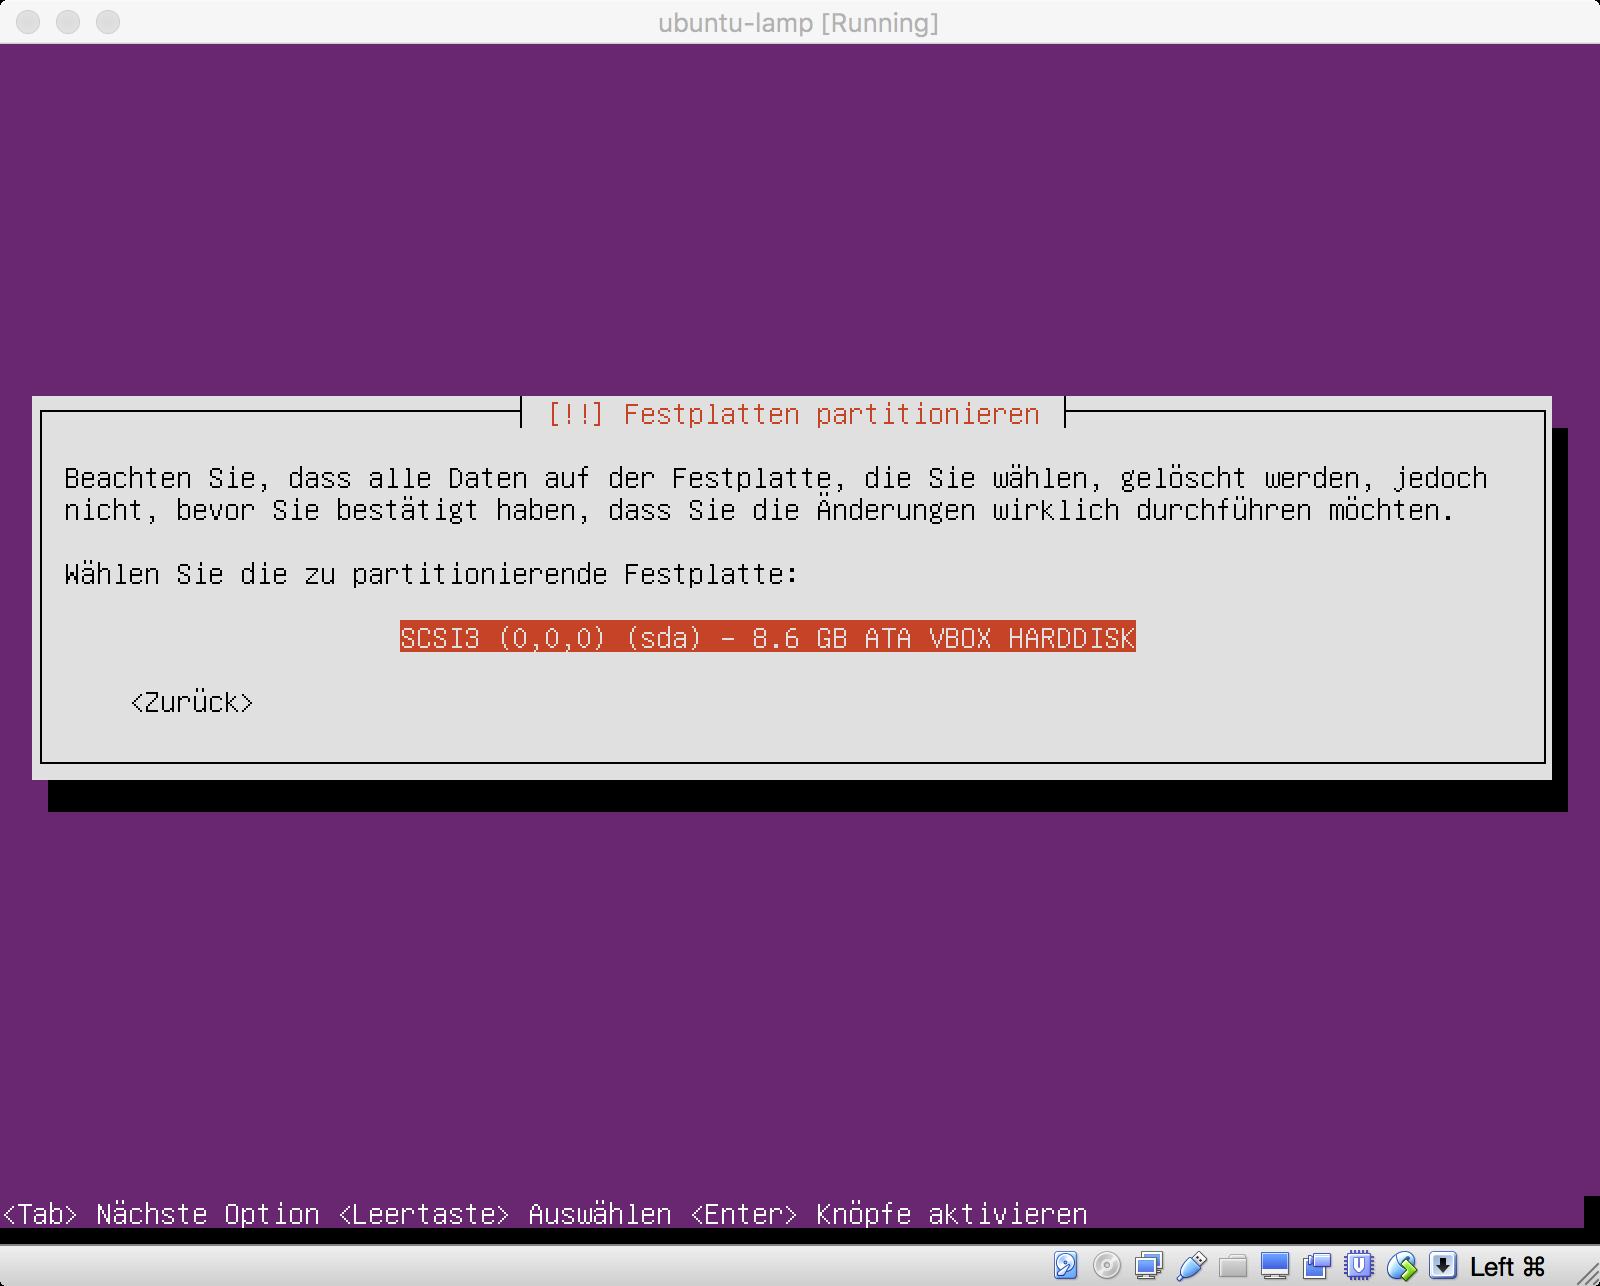 Ubuntu Installation - Festplatte für Partitionierung